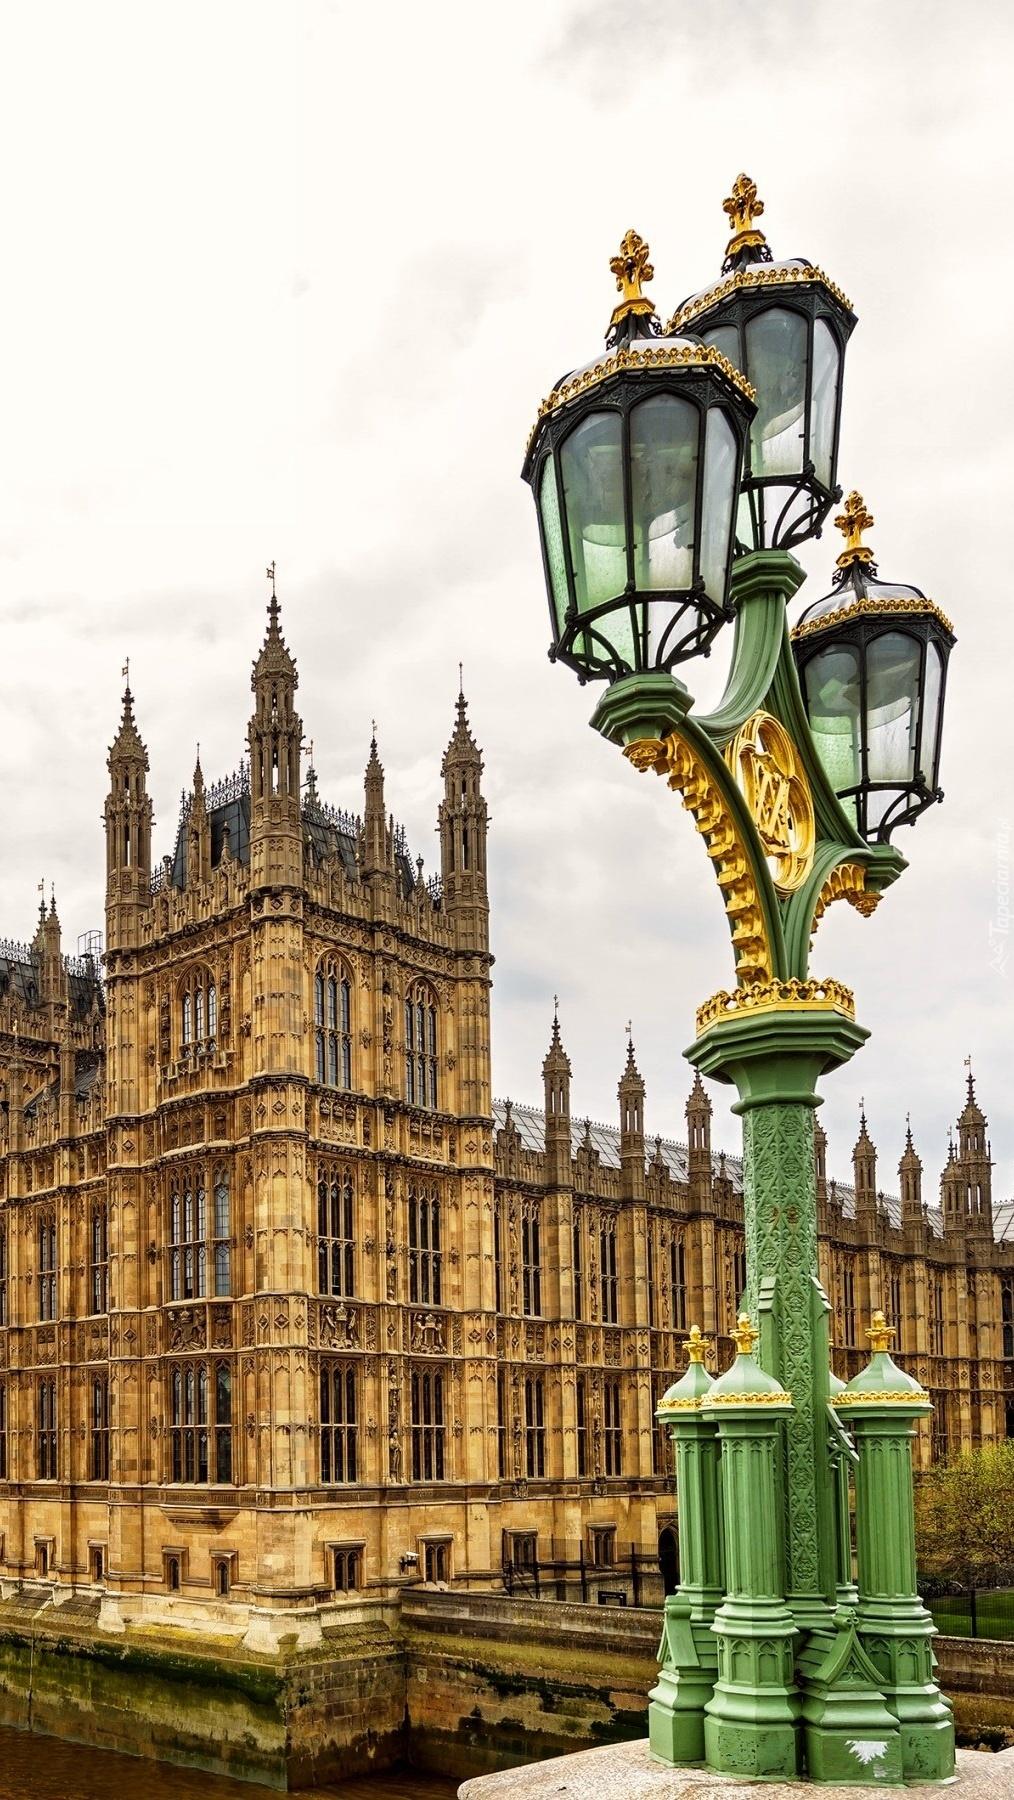 Latarnia na tle Pałacu Westminsterskiego w Londynie